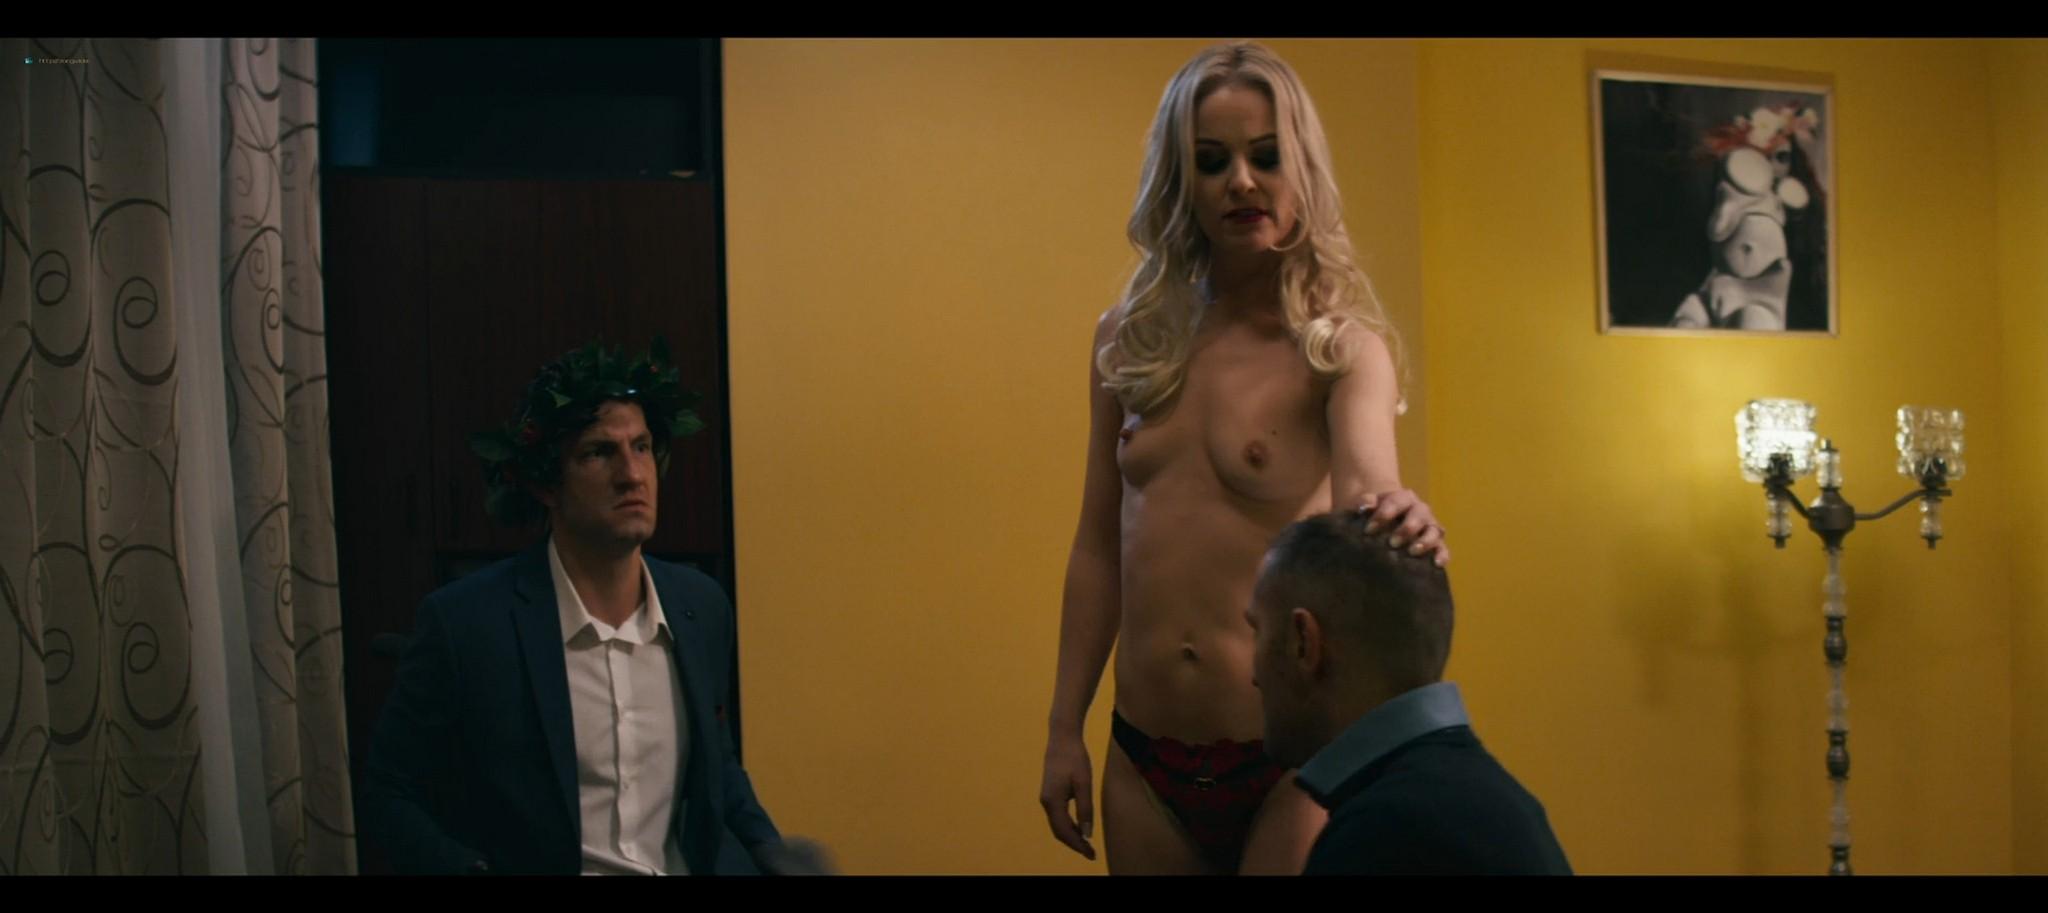 Michelle J Wright nude and sex Gabriela Brinza nude sex Introspectum Motel 2021 1080p Web 9